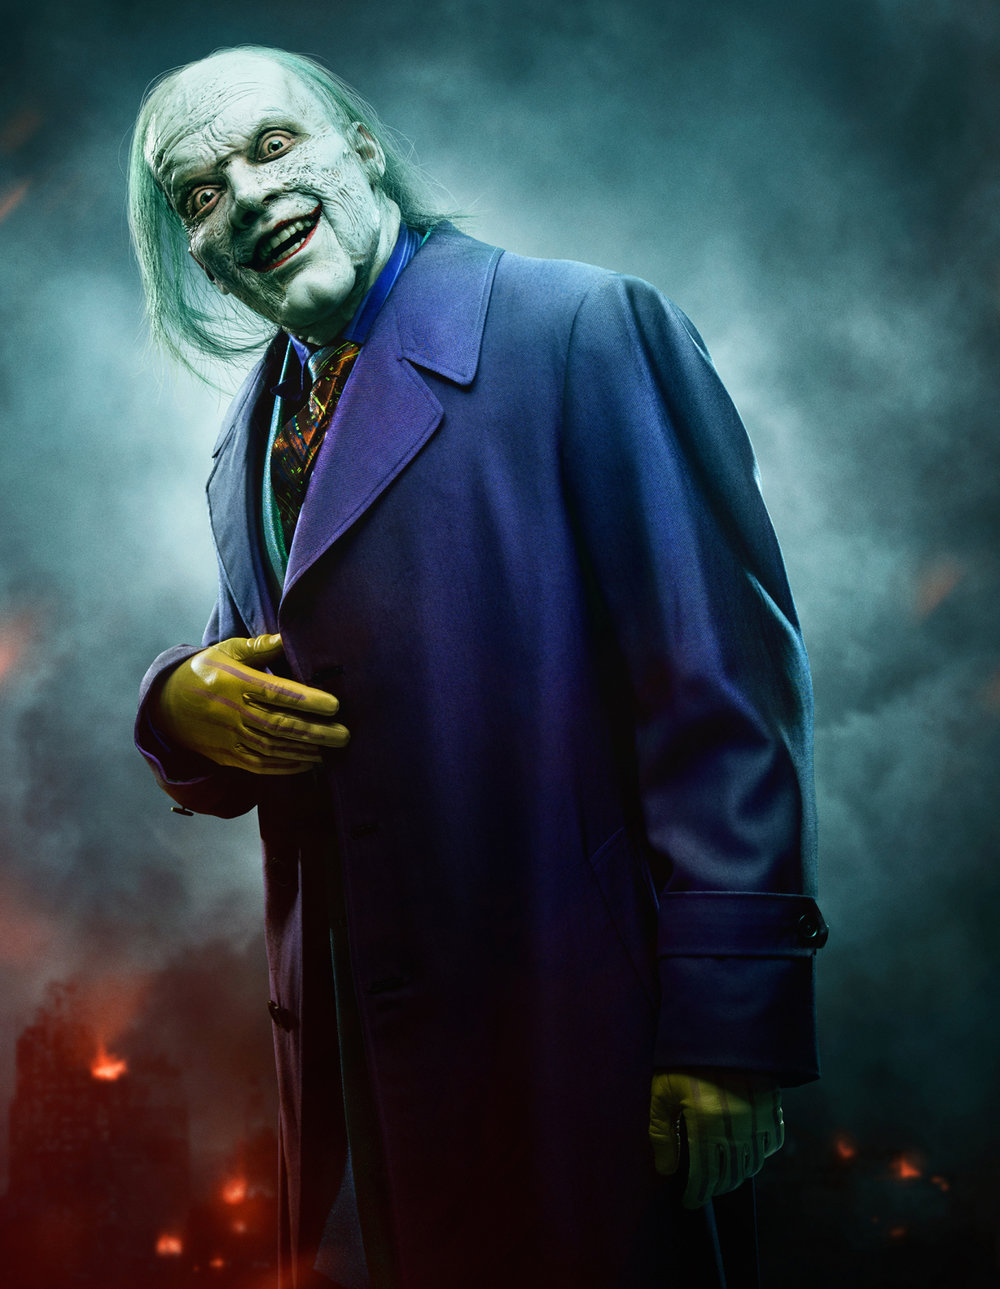 La apariencia final de The Joker en GOTHAM ha sido revelada;  Â¡Mira un nuevo teaser y dinos lo que piensas!